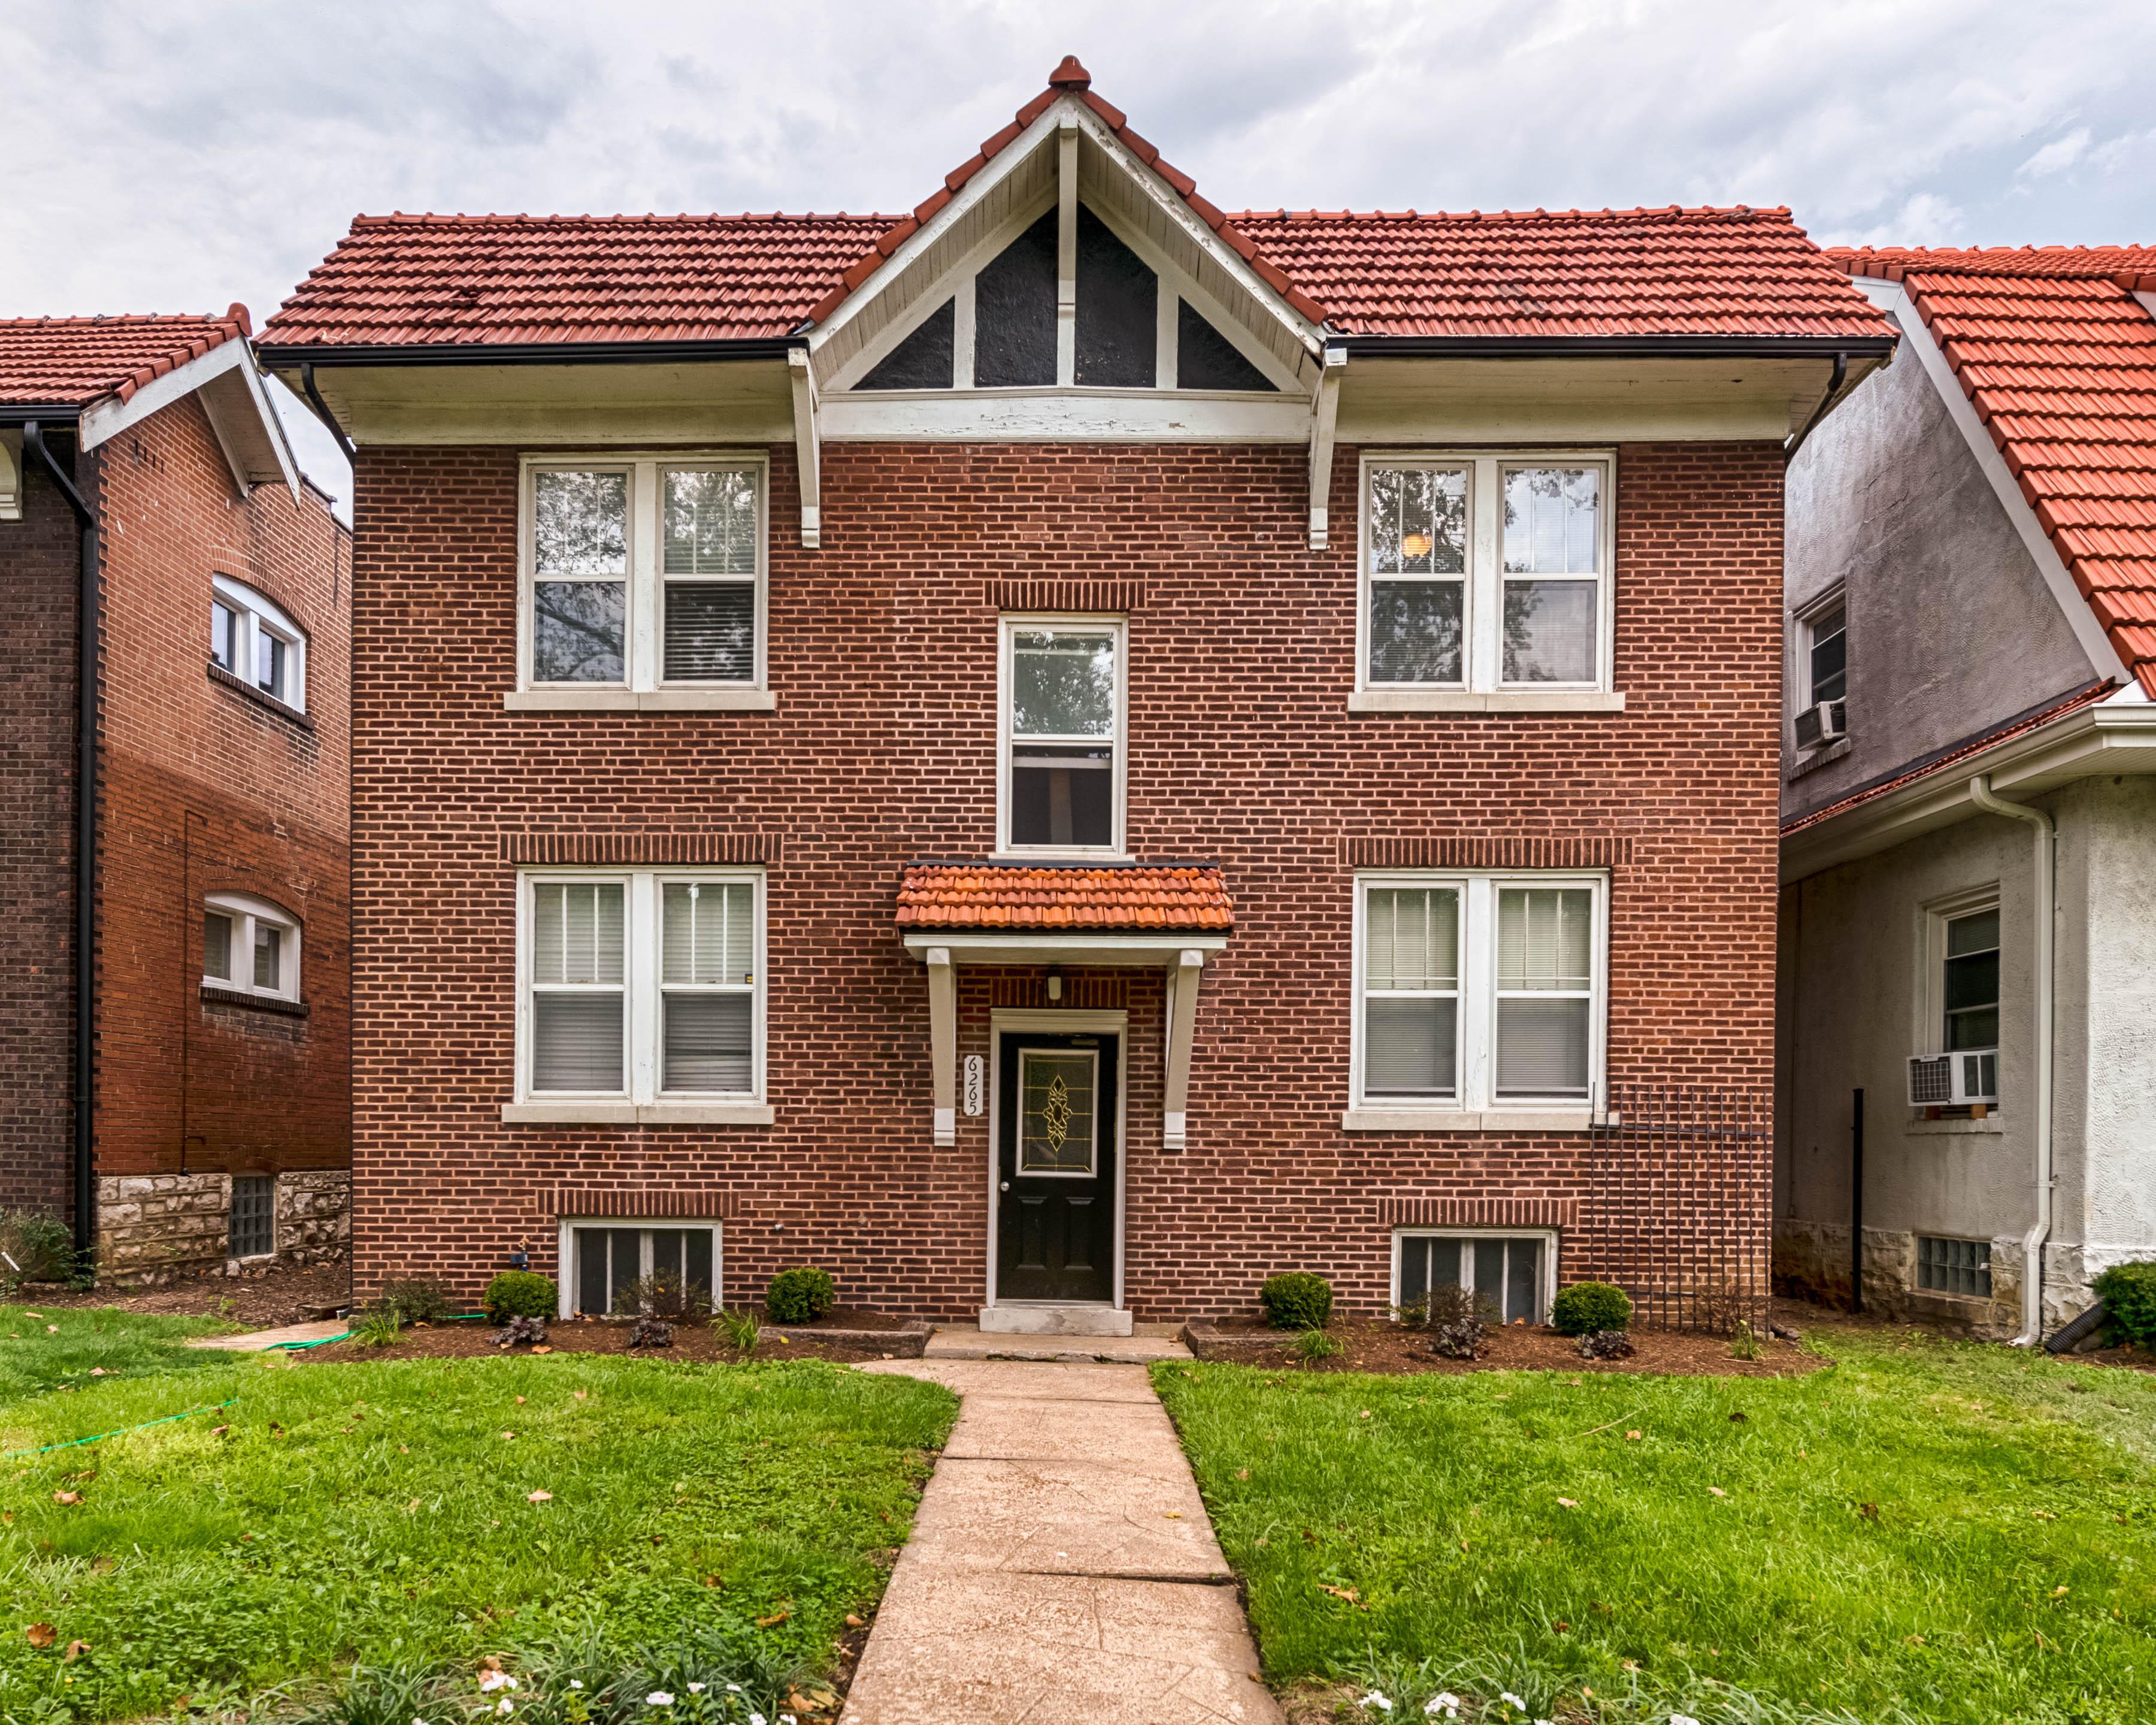 多户住宅 为 销售 在 Cates Ave 6265 Cates Ave St. Louis, 密苏里州 63130 美国